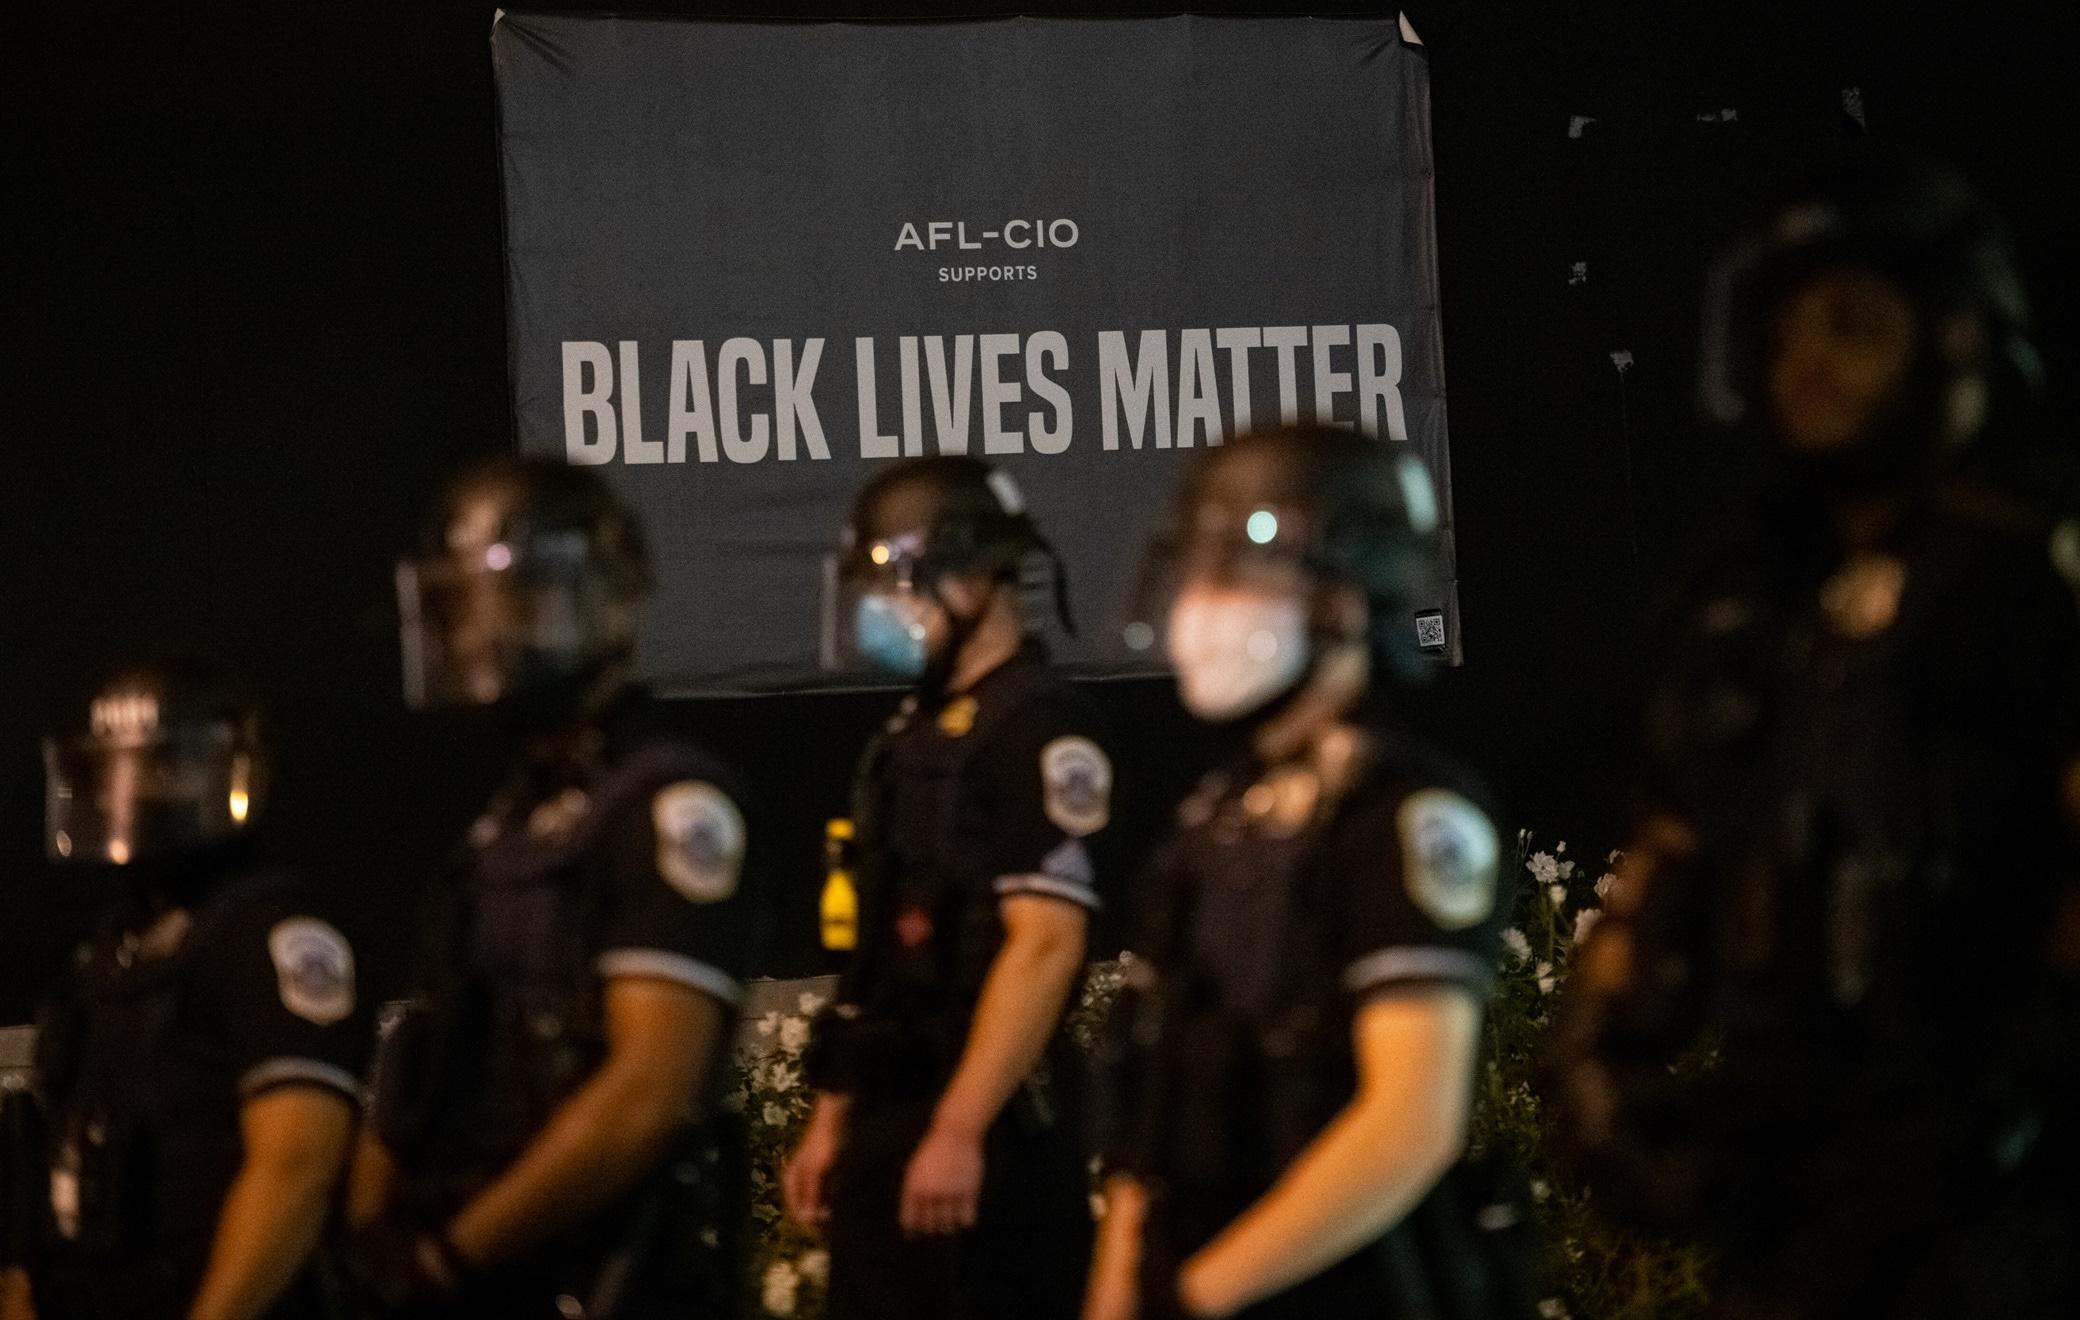 Usa, poliziotti sparano a uomo afroamericano e lo uccidono: proteste